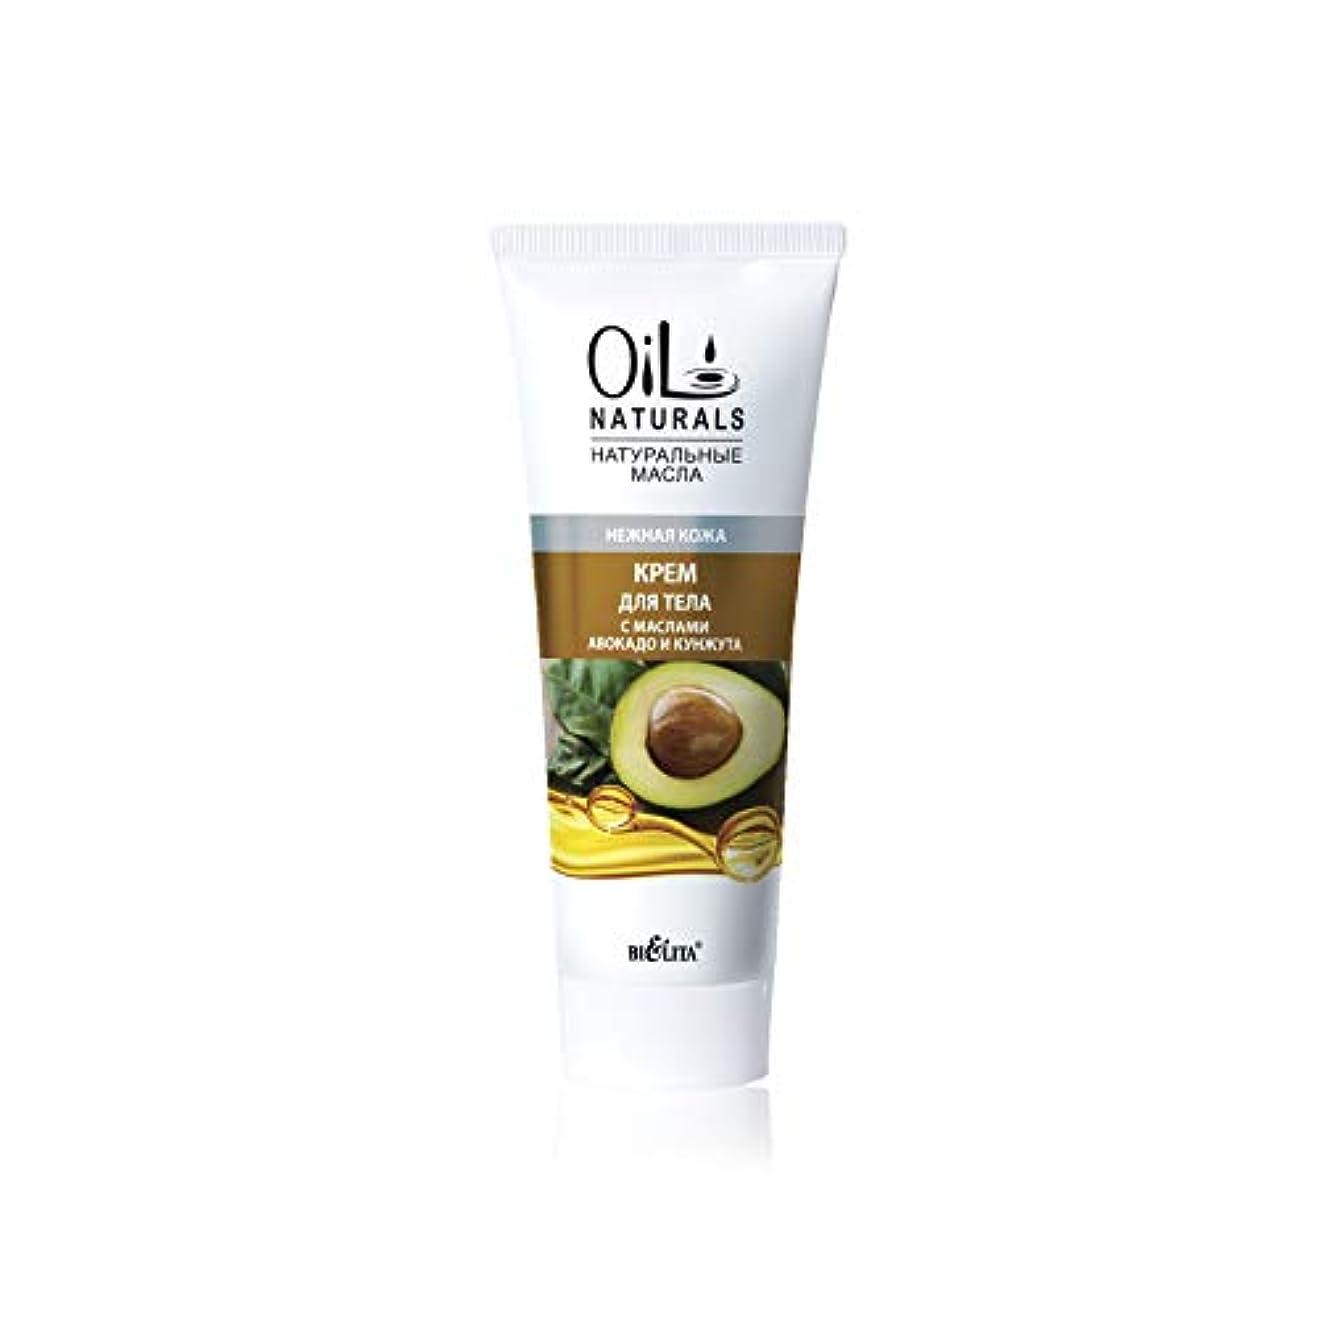 素朴な永遠の歯痛Bielita & Vitex   Oil Naturals Line   Moisturizing Body Cream for Delicate Skin, 200 ml   Avocado Oil, Silk Proteins...